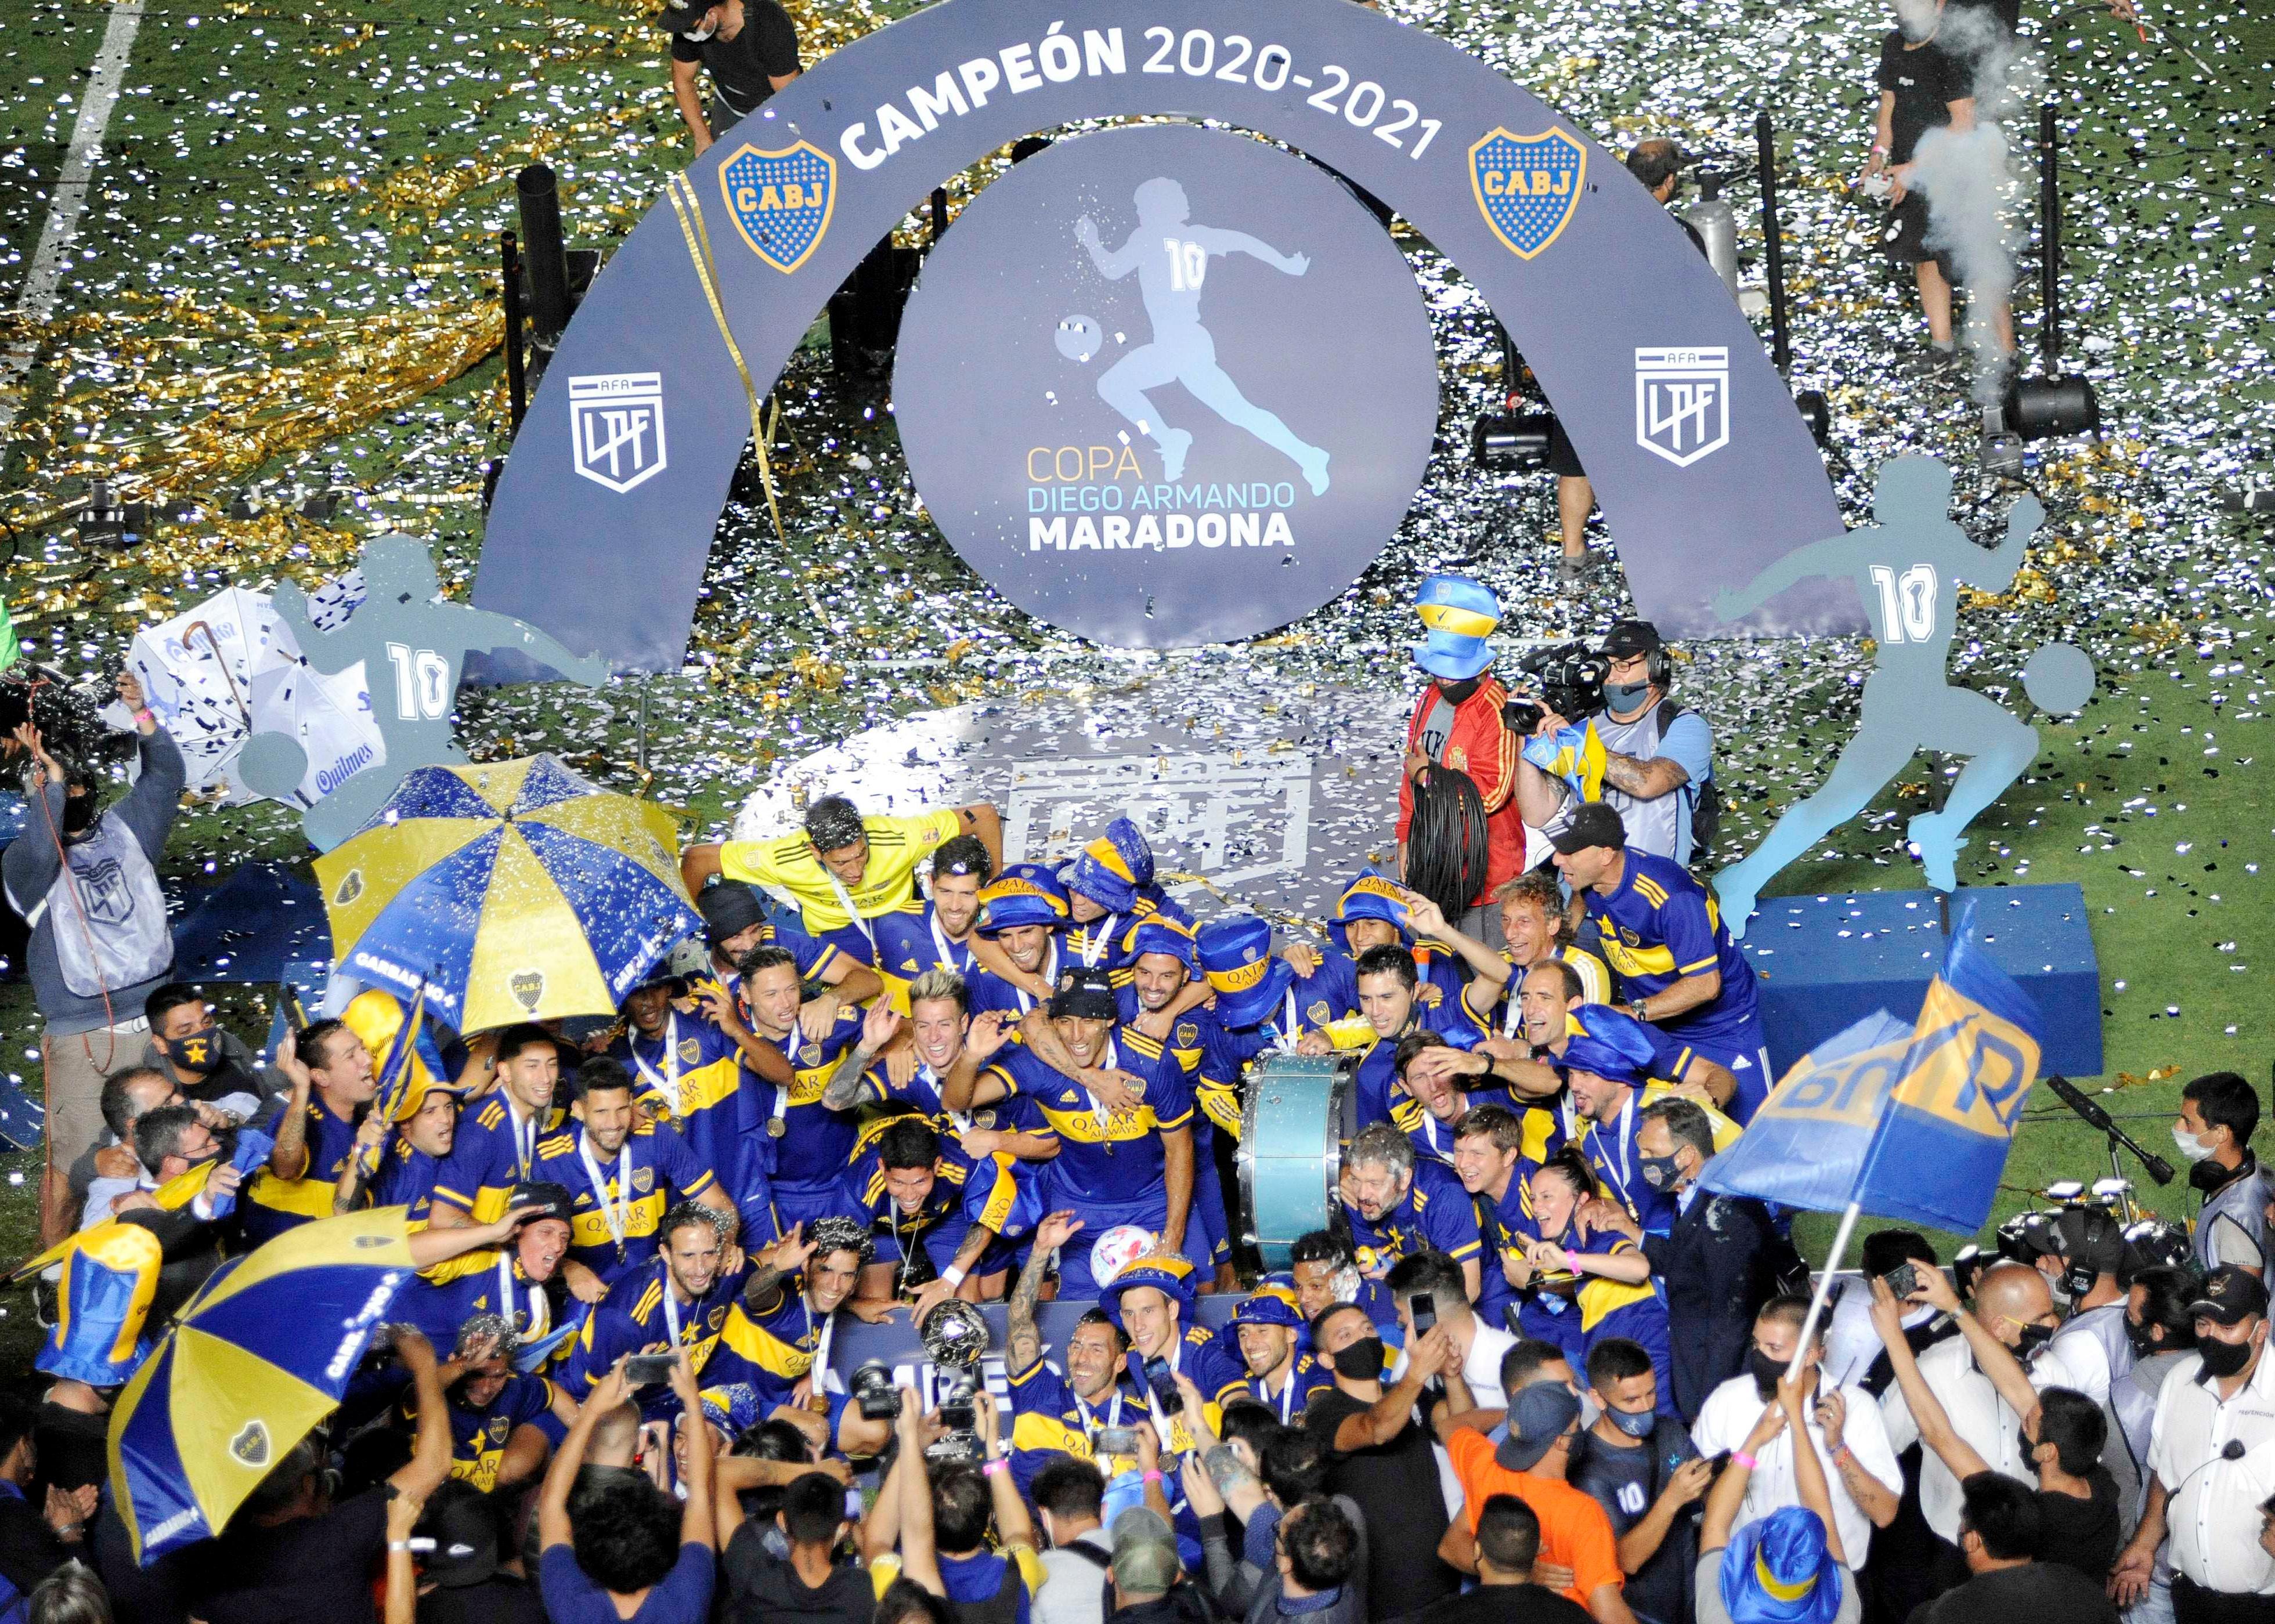 El Xeneize además igualó la línea de River, con 48, como el equipo que más títulos nacionales ganó, sumando Ligas y Copas